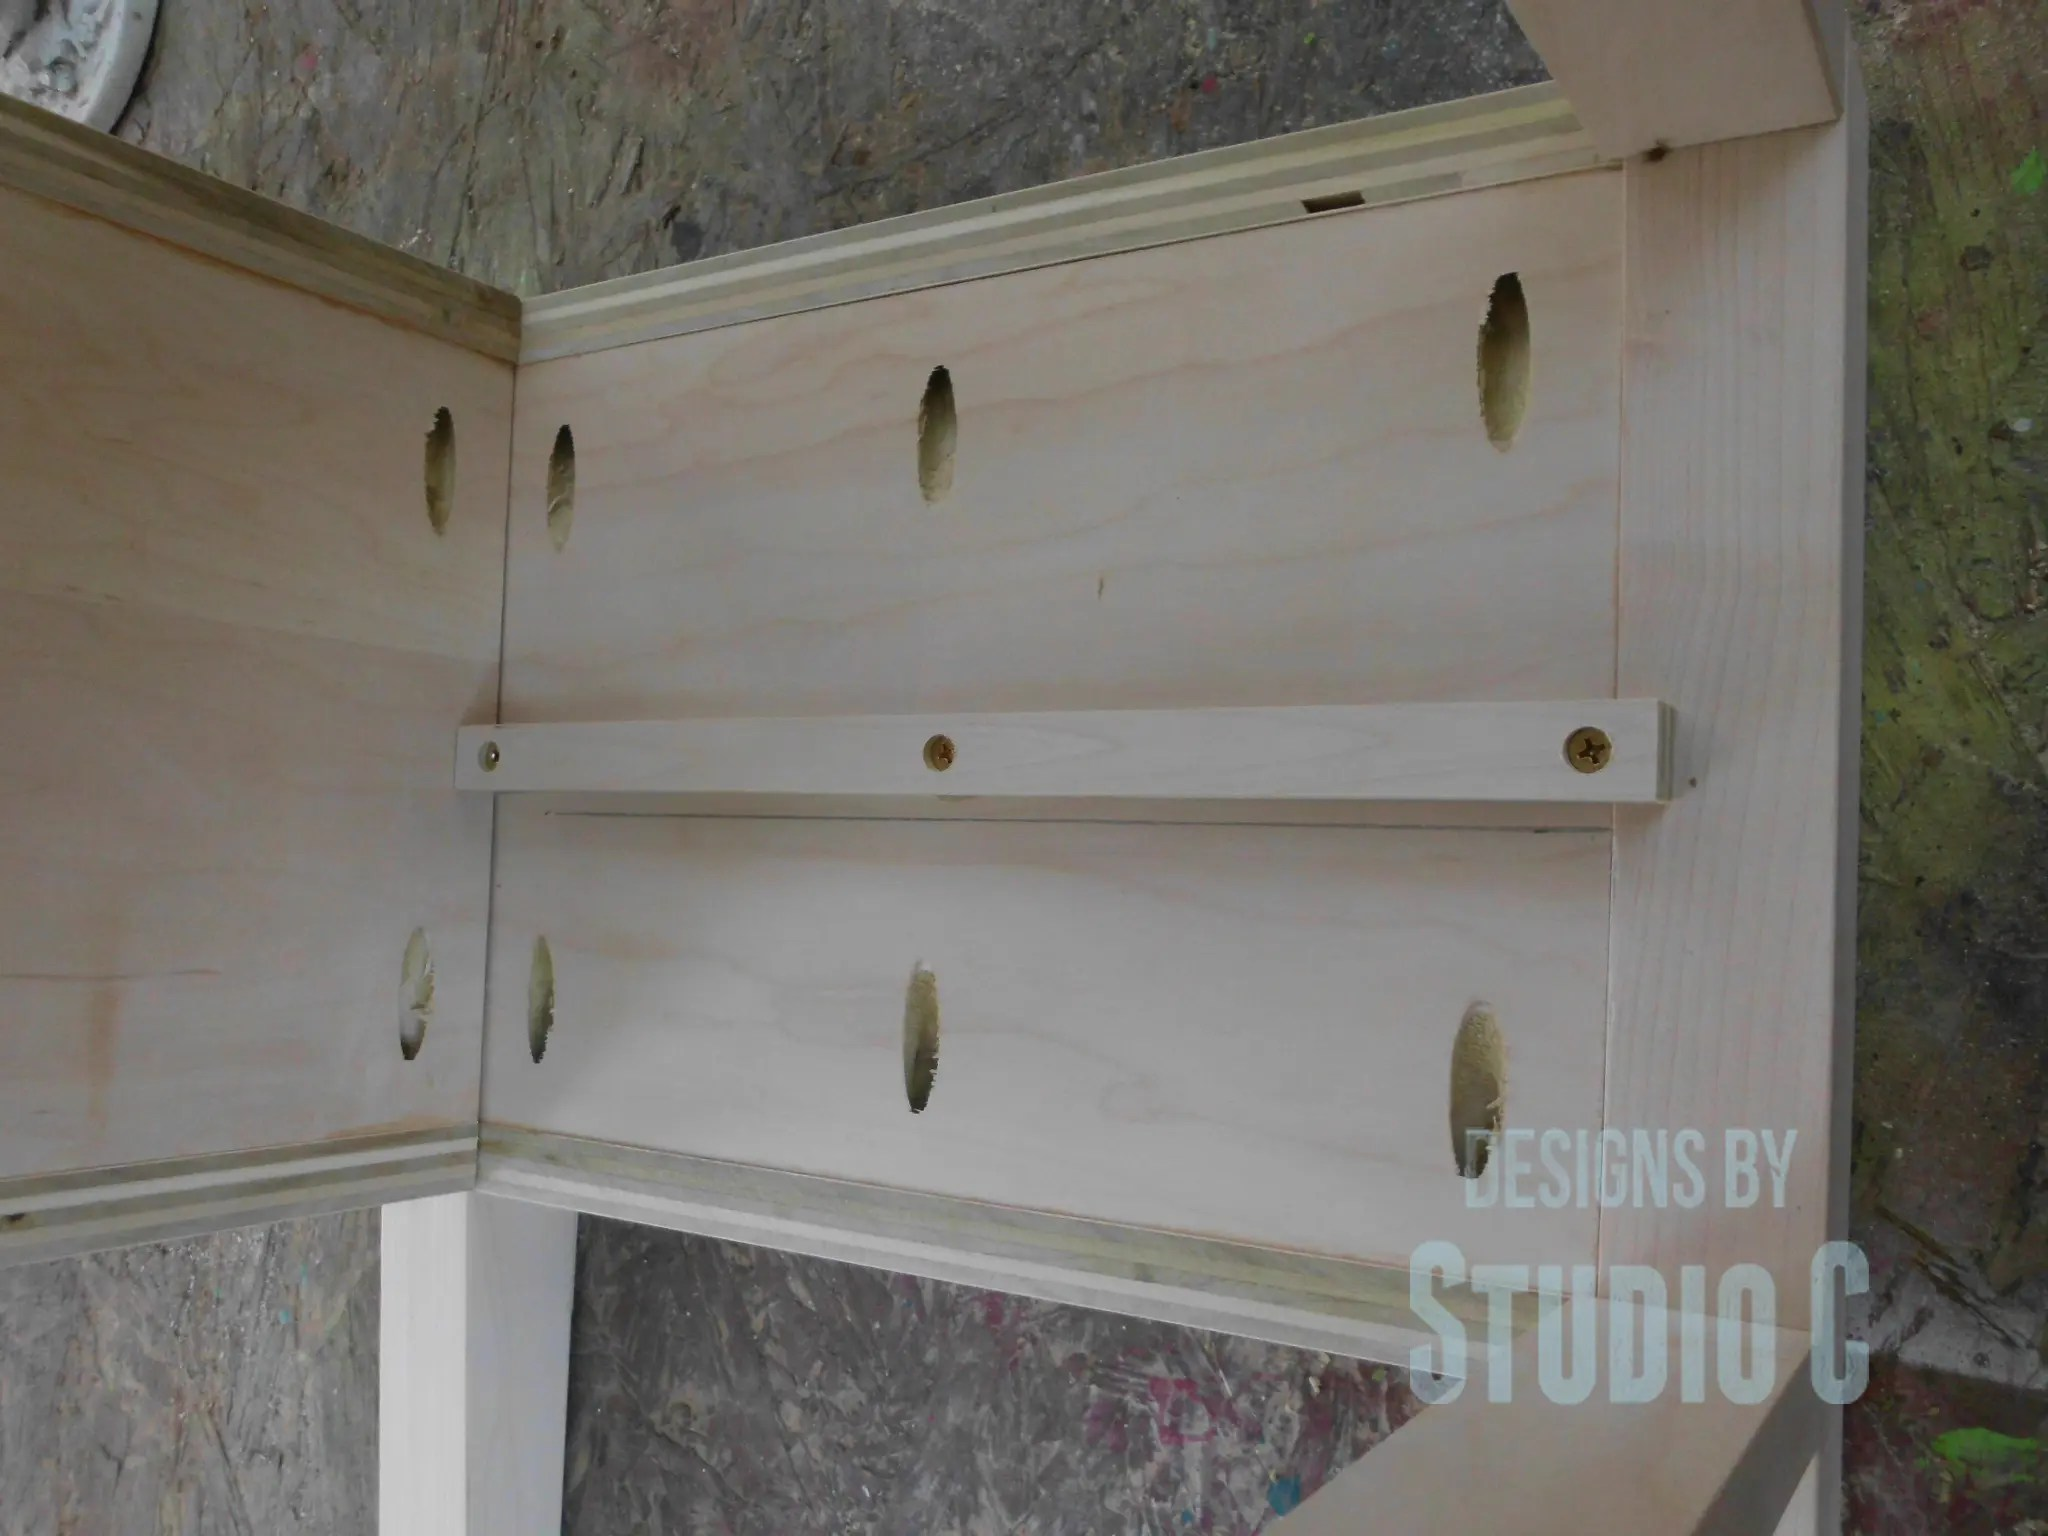 Leveling Drawer Slides : How to make drawer slides